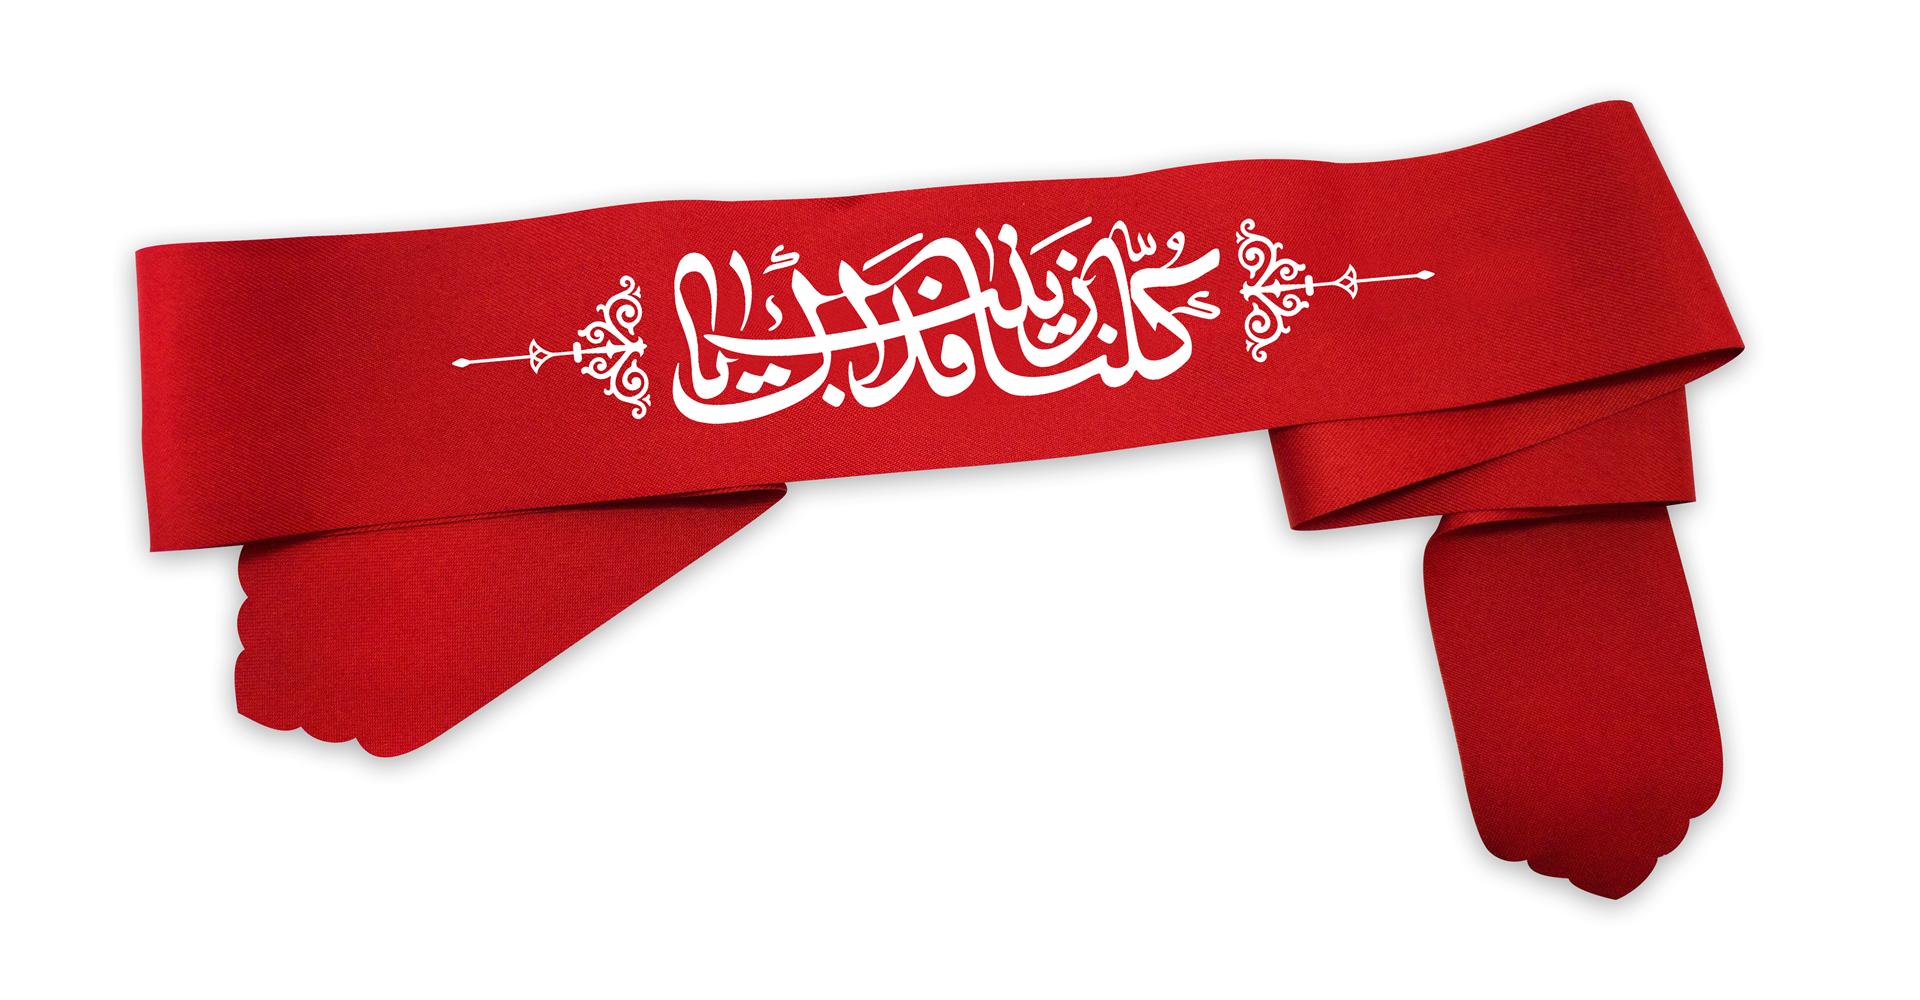 تصویر از سربند طرح «کلنا فداک یا زینب»